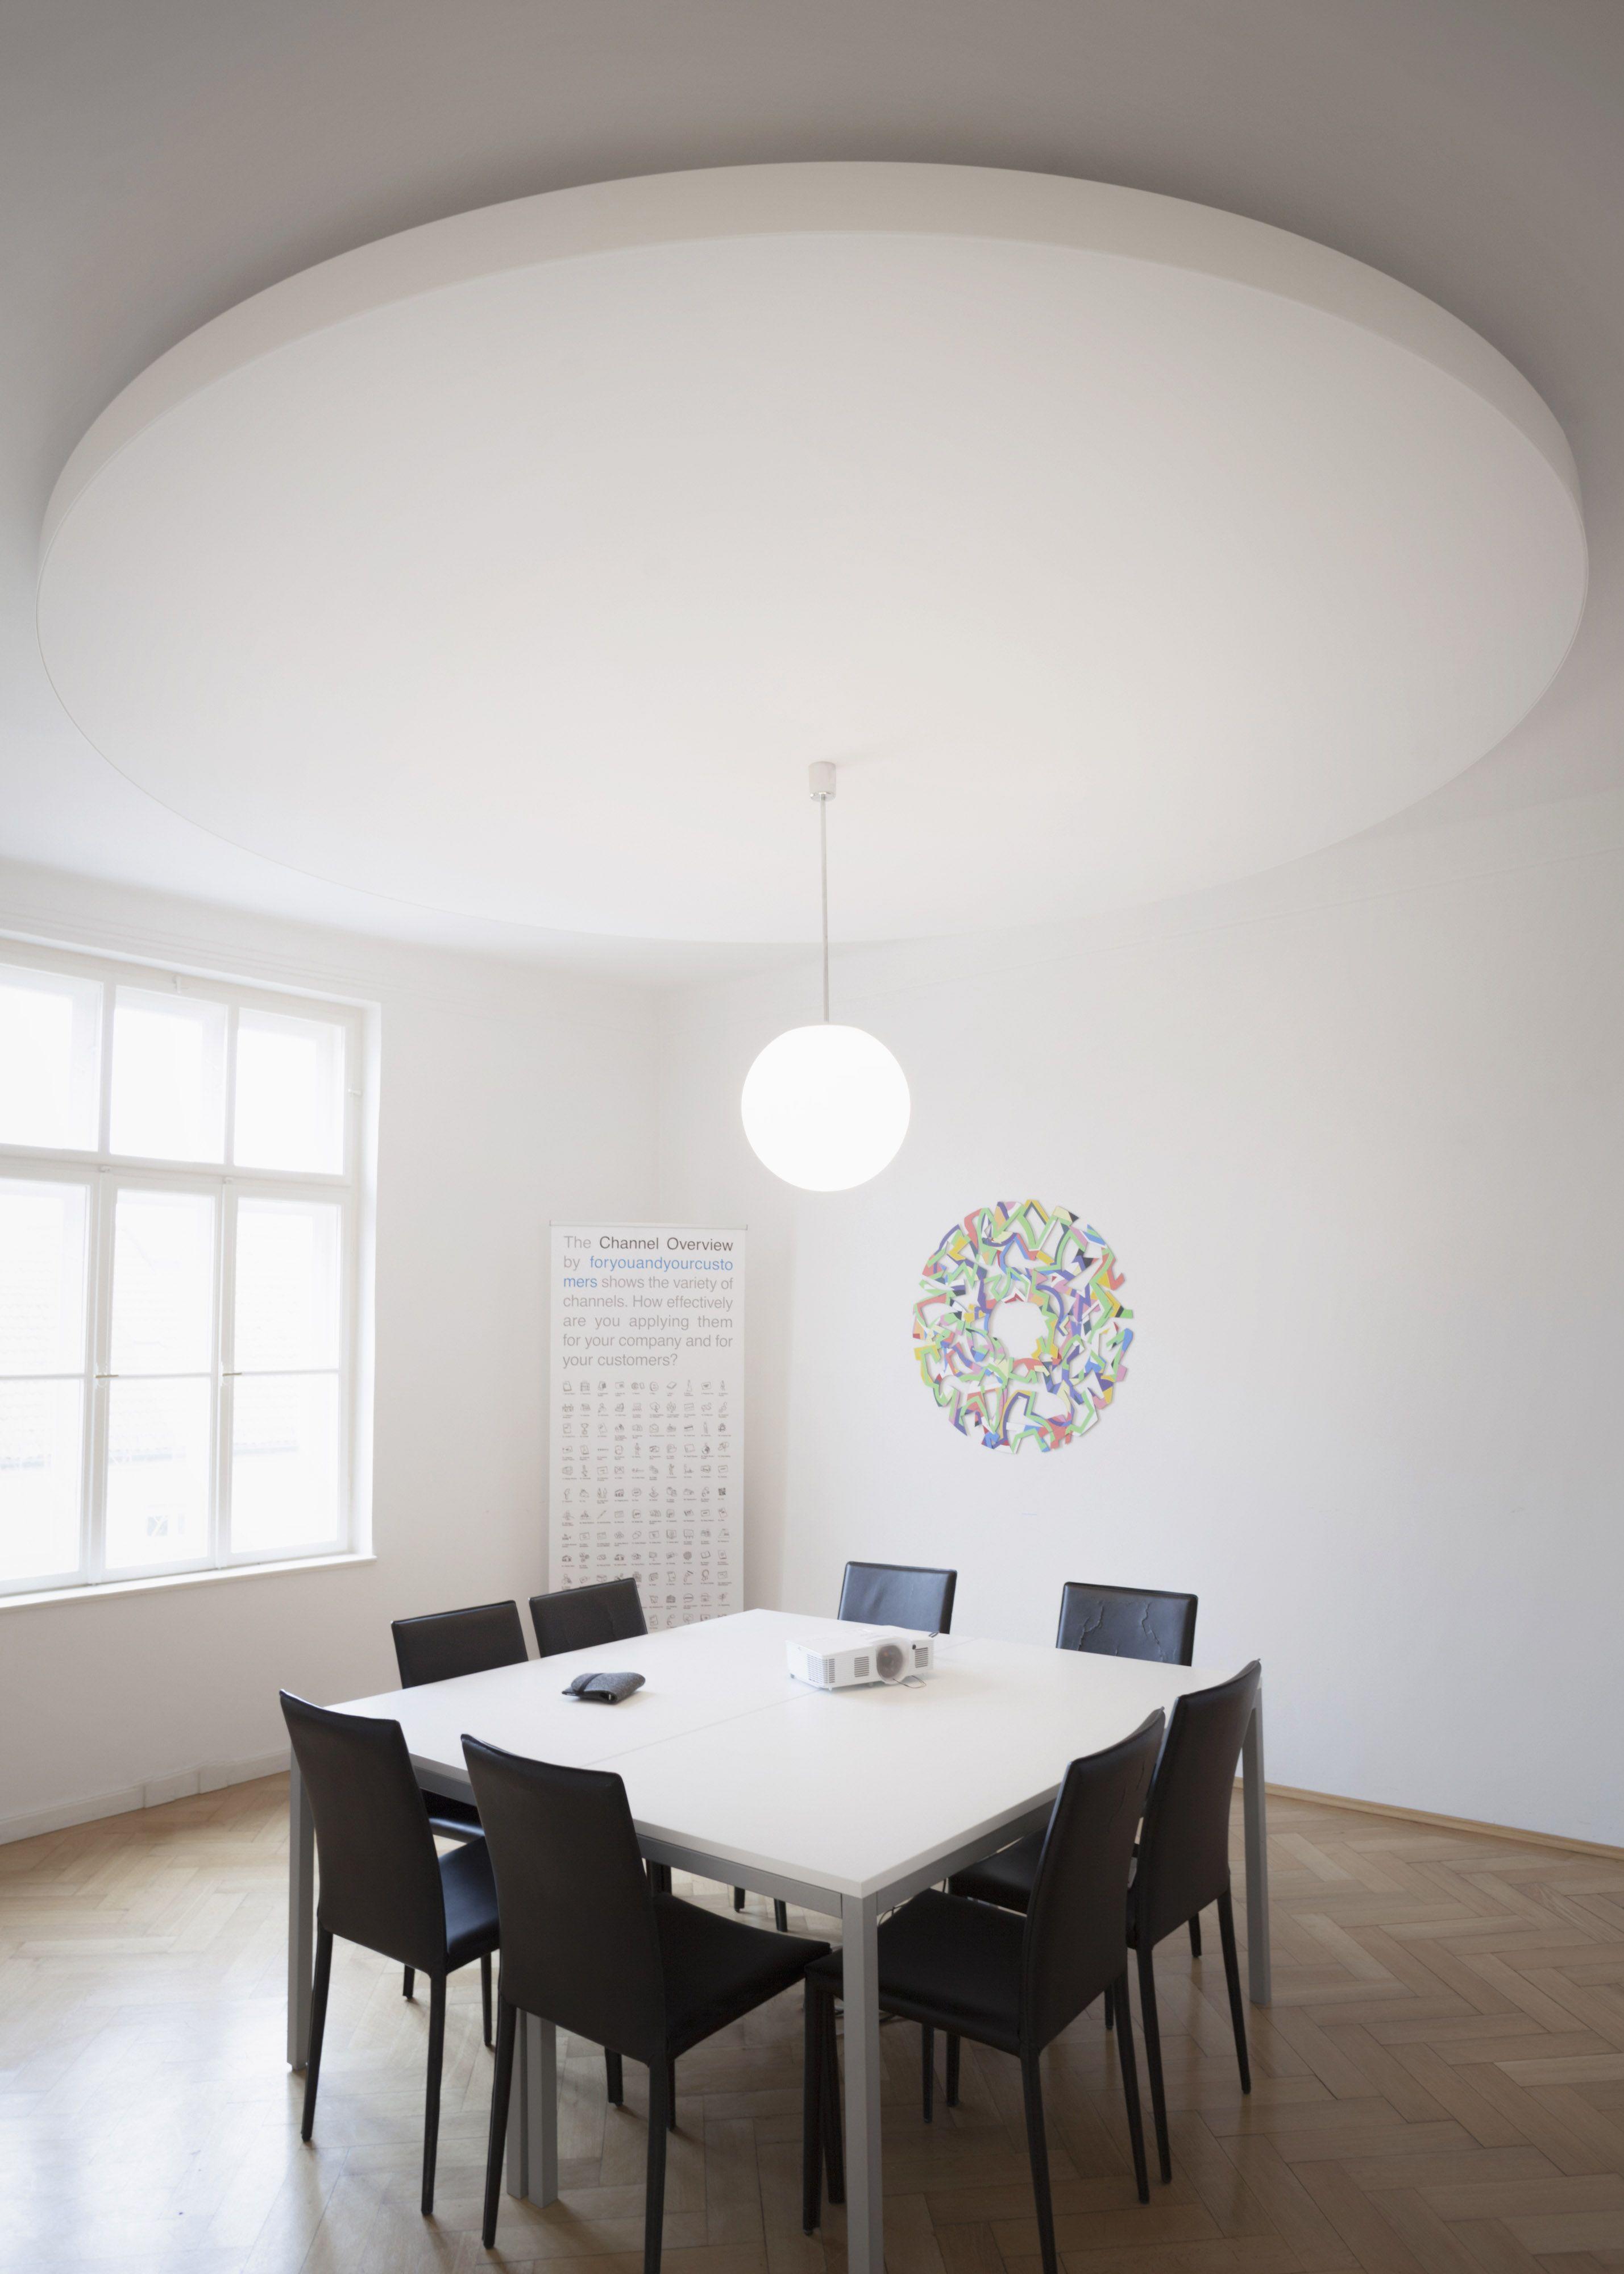 spanndecken mit akustisch wirksamen textilien oder motivdrucken und hocharbsorbierender. Black Bedroom Furniture Sets. Home Design Ideas